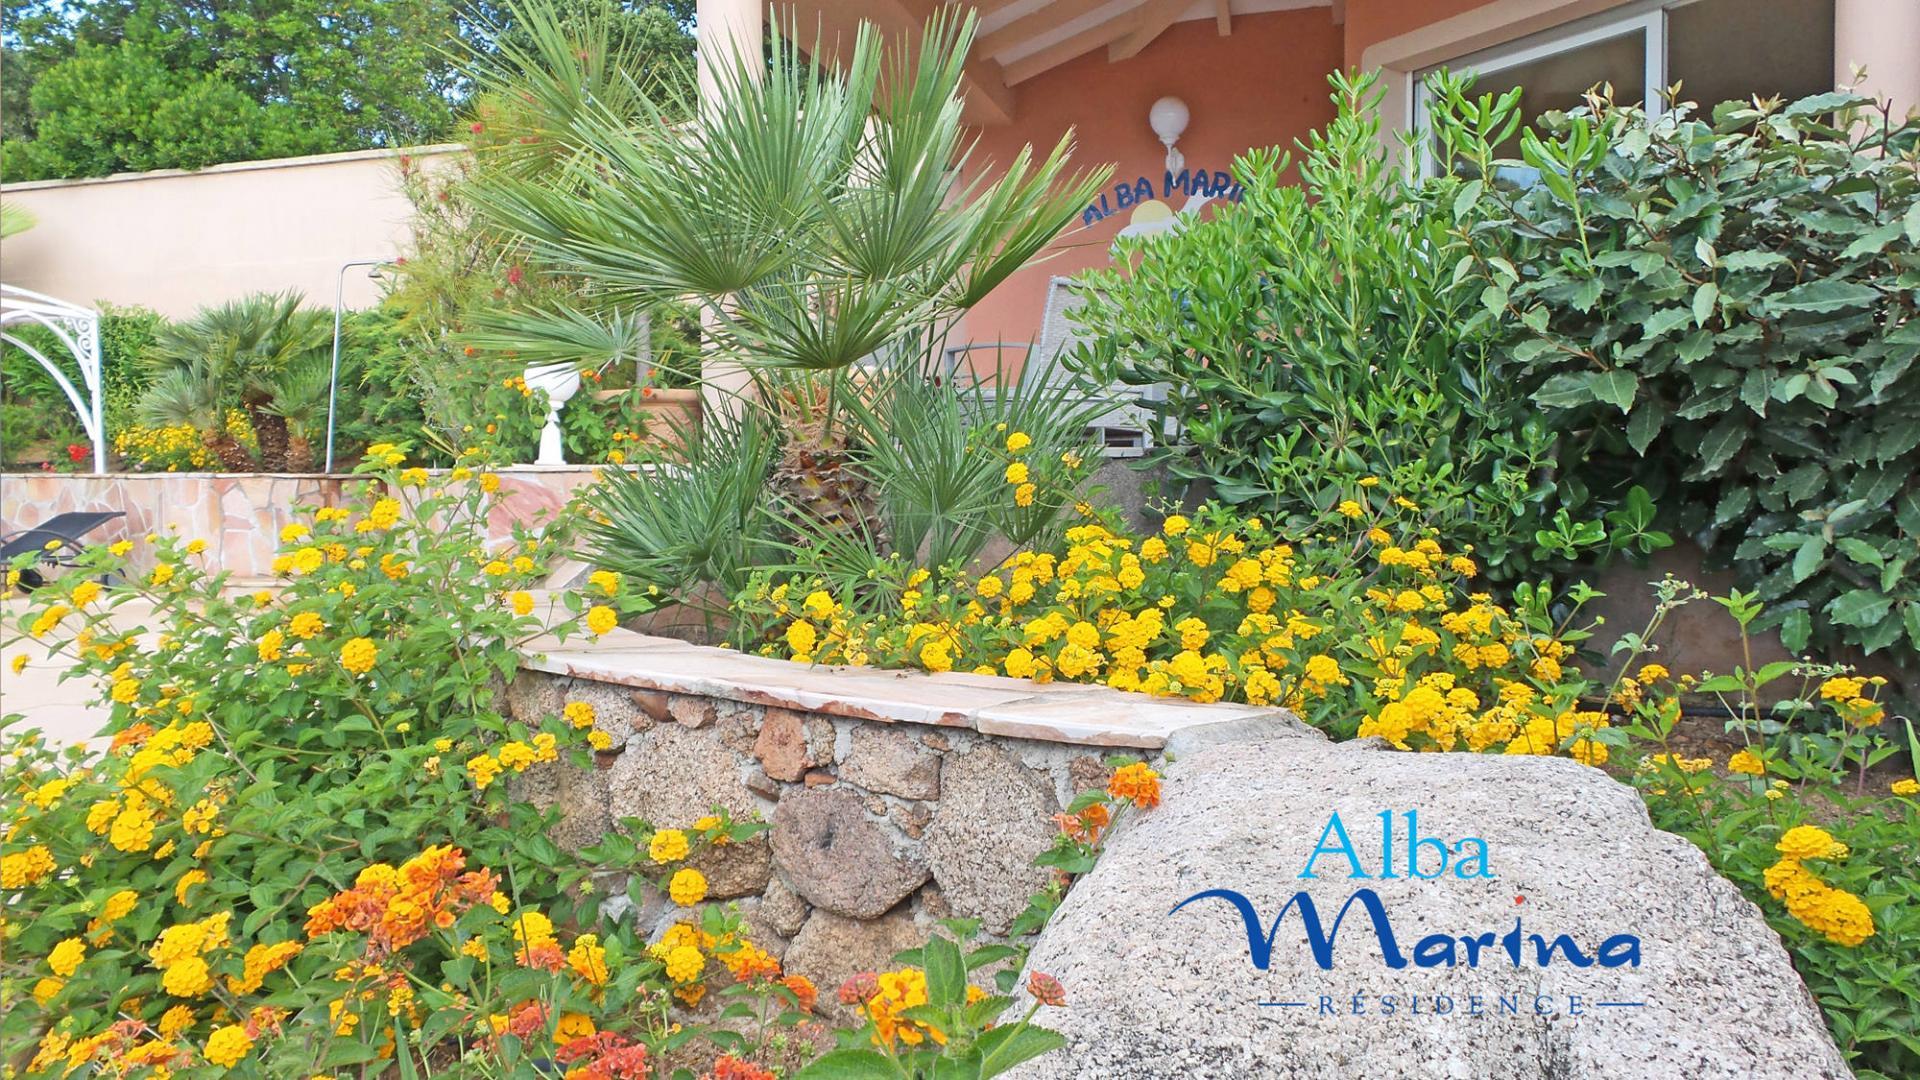 Jardin résidence Alba Marina